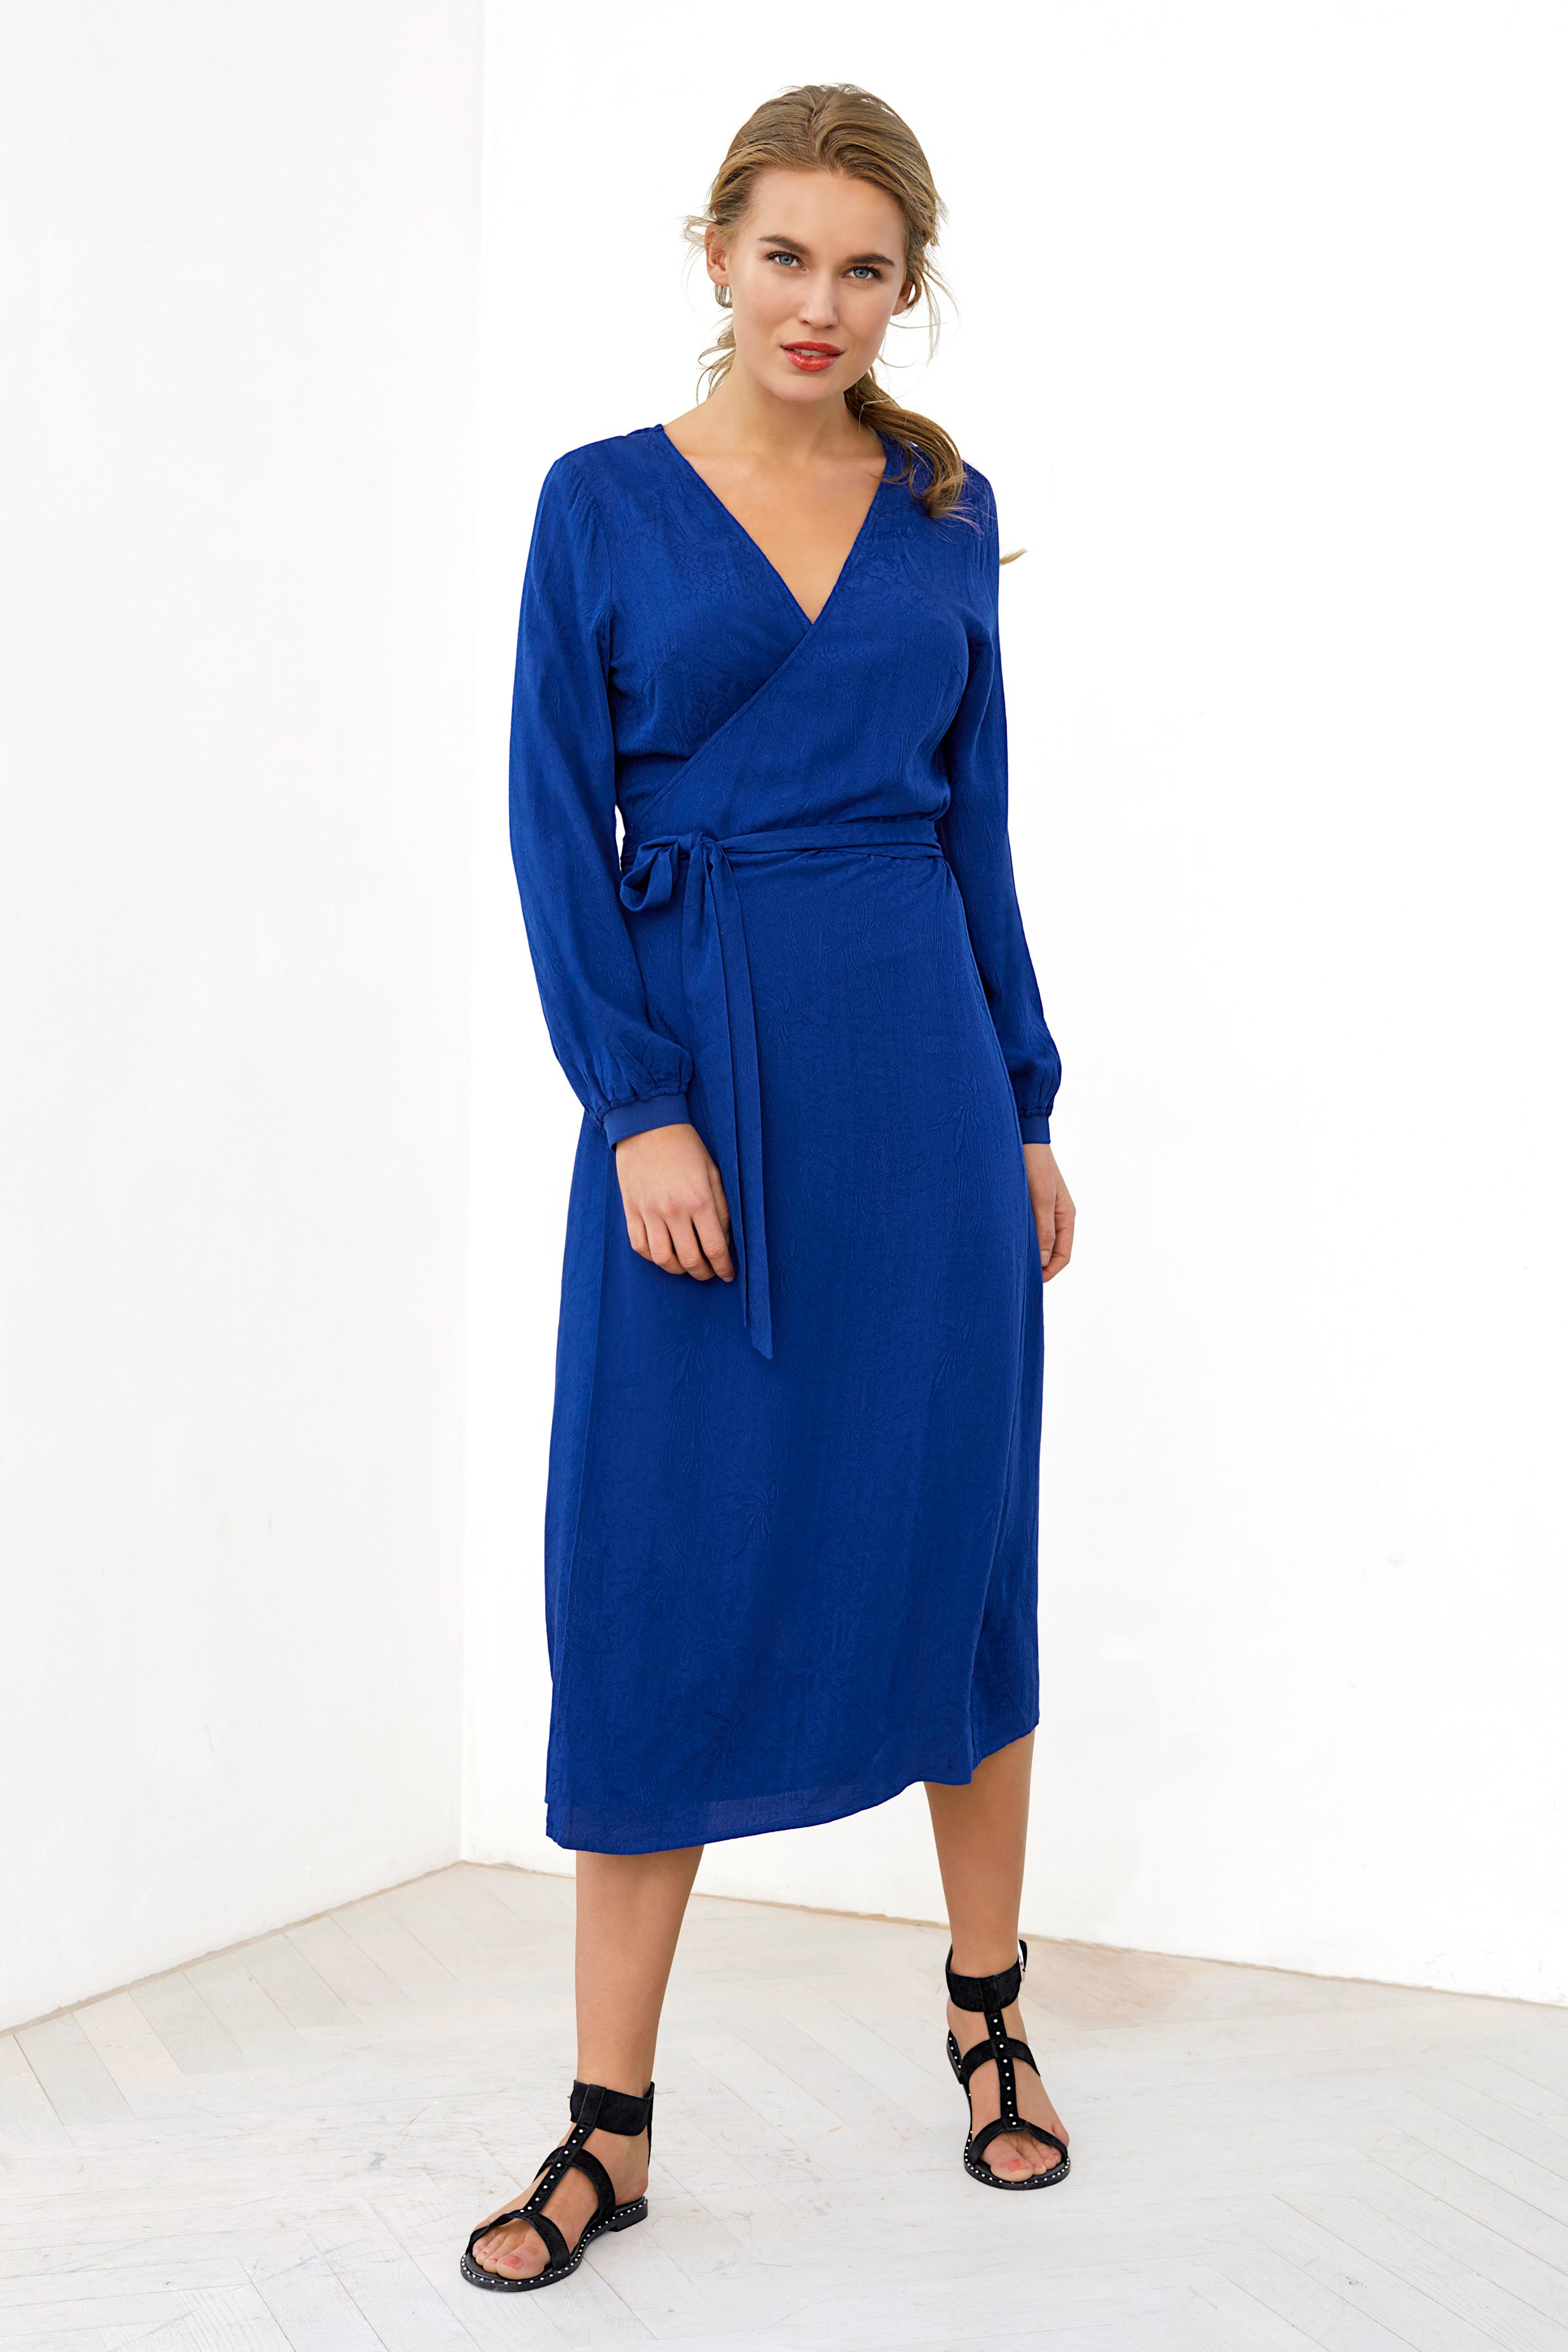 Mørkeblå Kjole fra Pulz Jeans – Køb Mørkeblå Kjole fra str. XS-XXL her